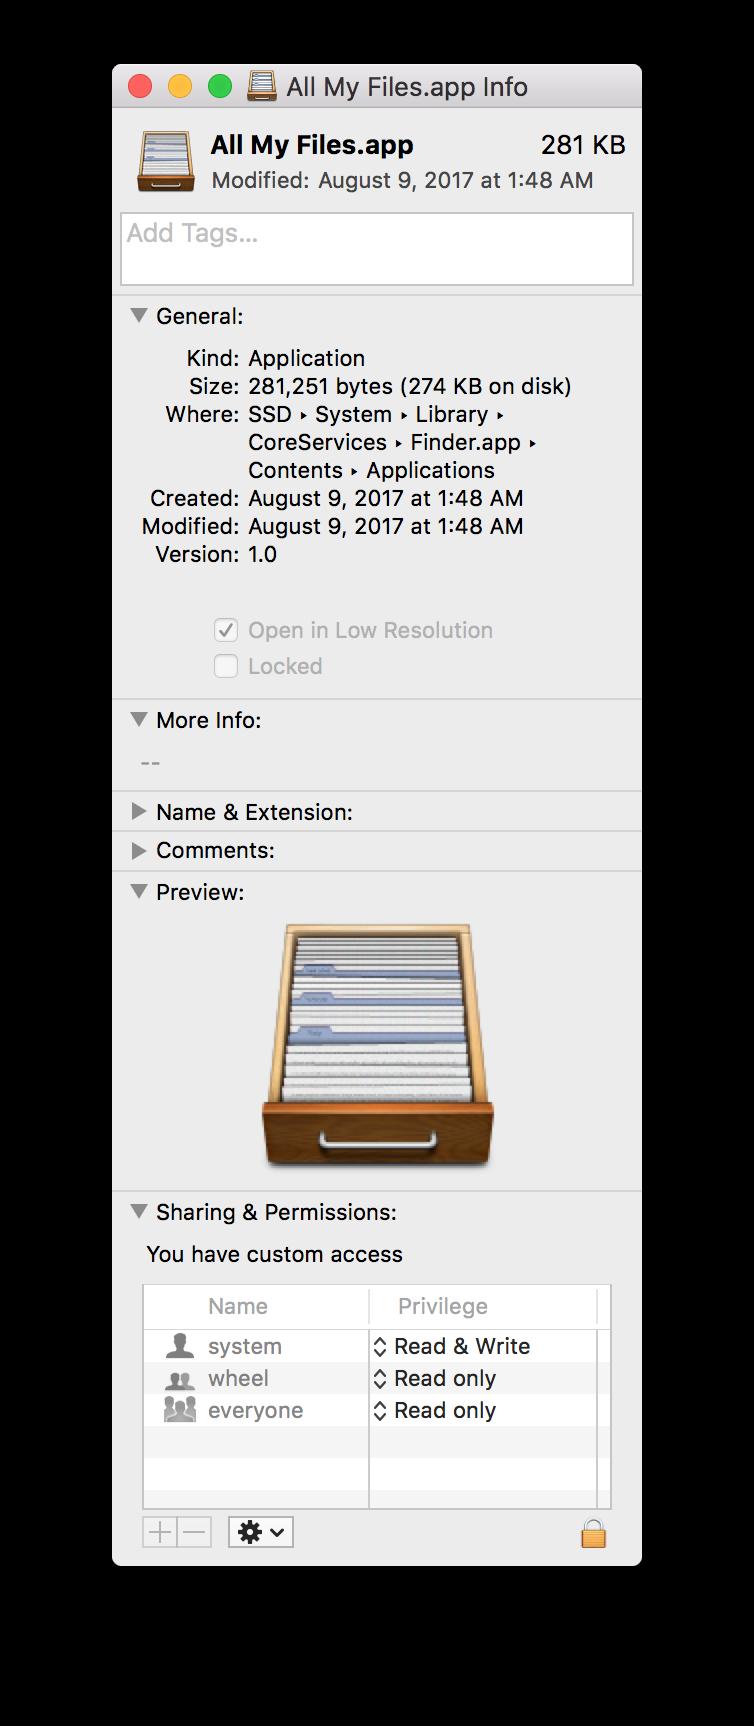 Screen Shot 2017-08-16 at 6.03.00 AM.png